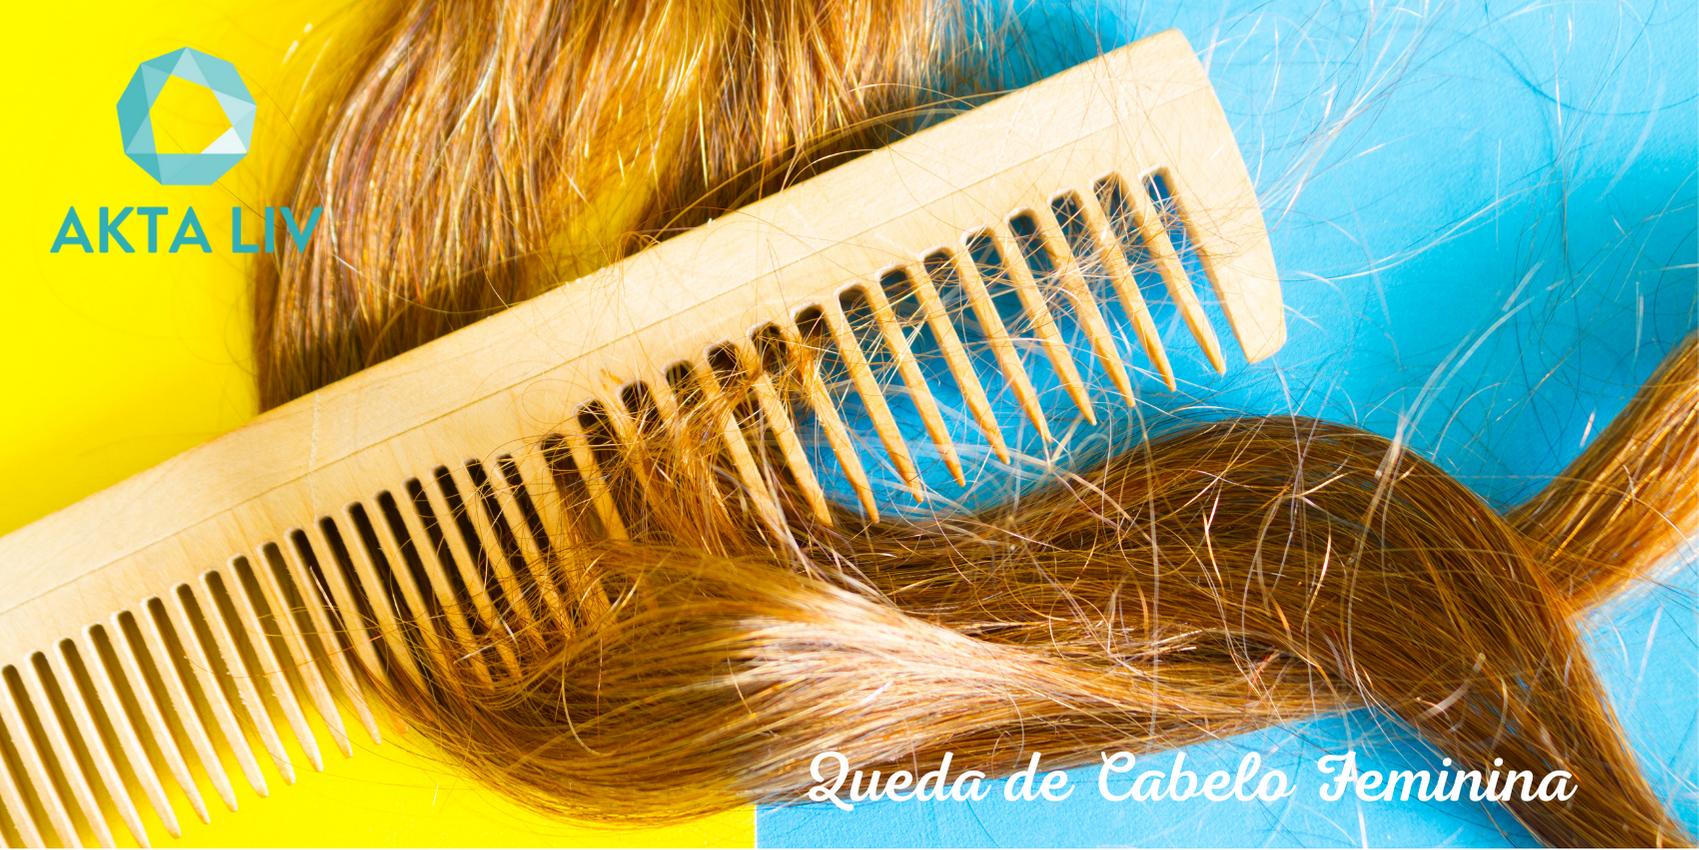 AKTA-Liv-Endocrinologia-Queda-de-cabelo-feminina-blog